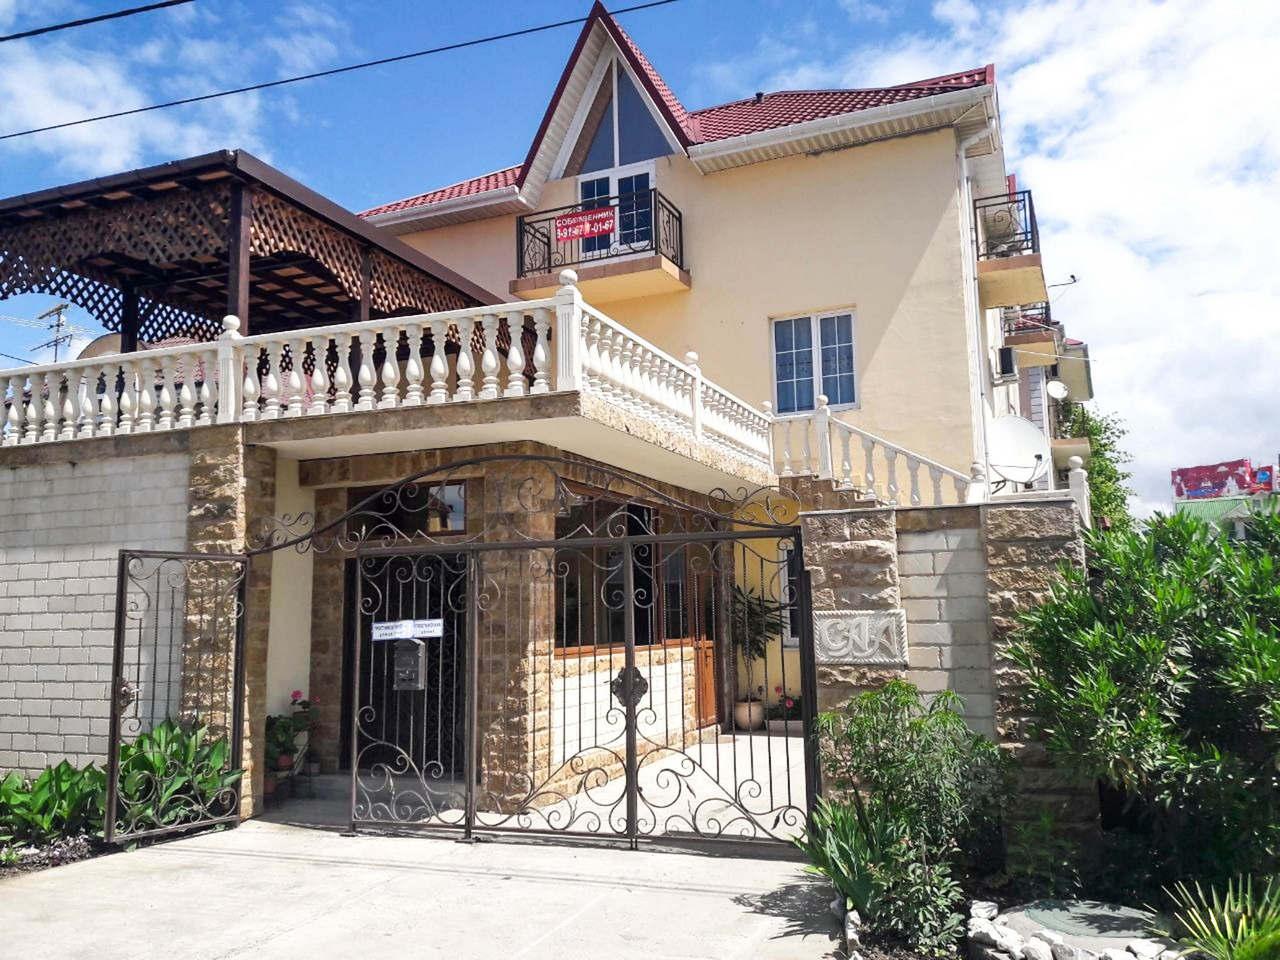 Гостевой дом вблизи Олимпийского парка - image 3587218683-2-5 on http://bizneskvartal.ru